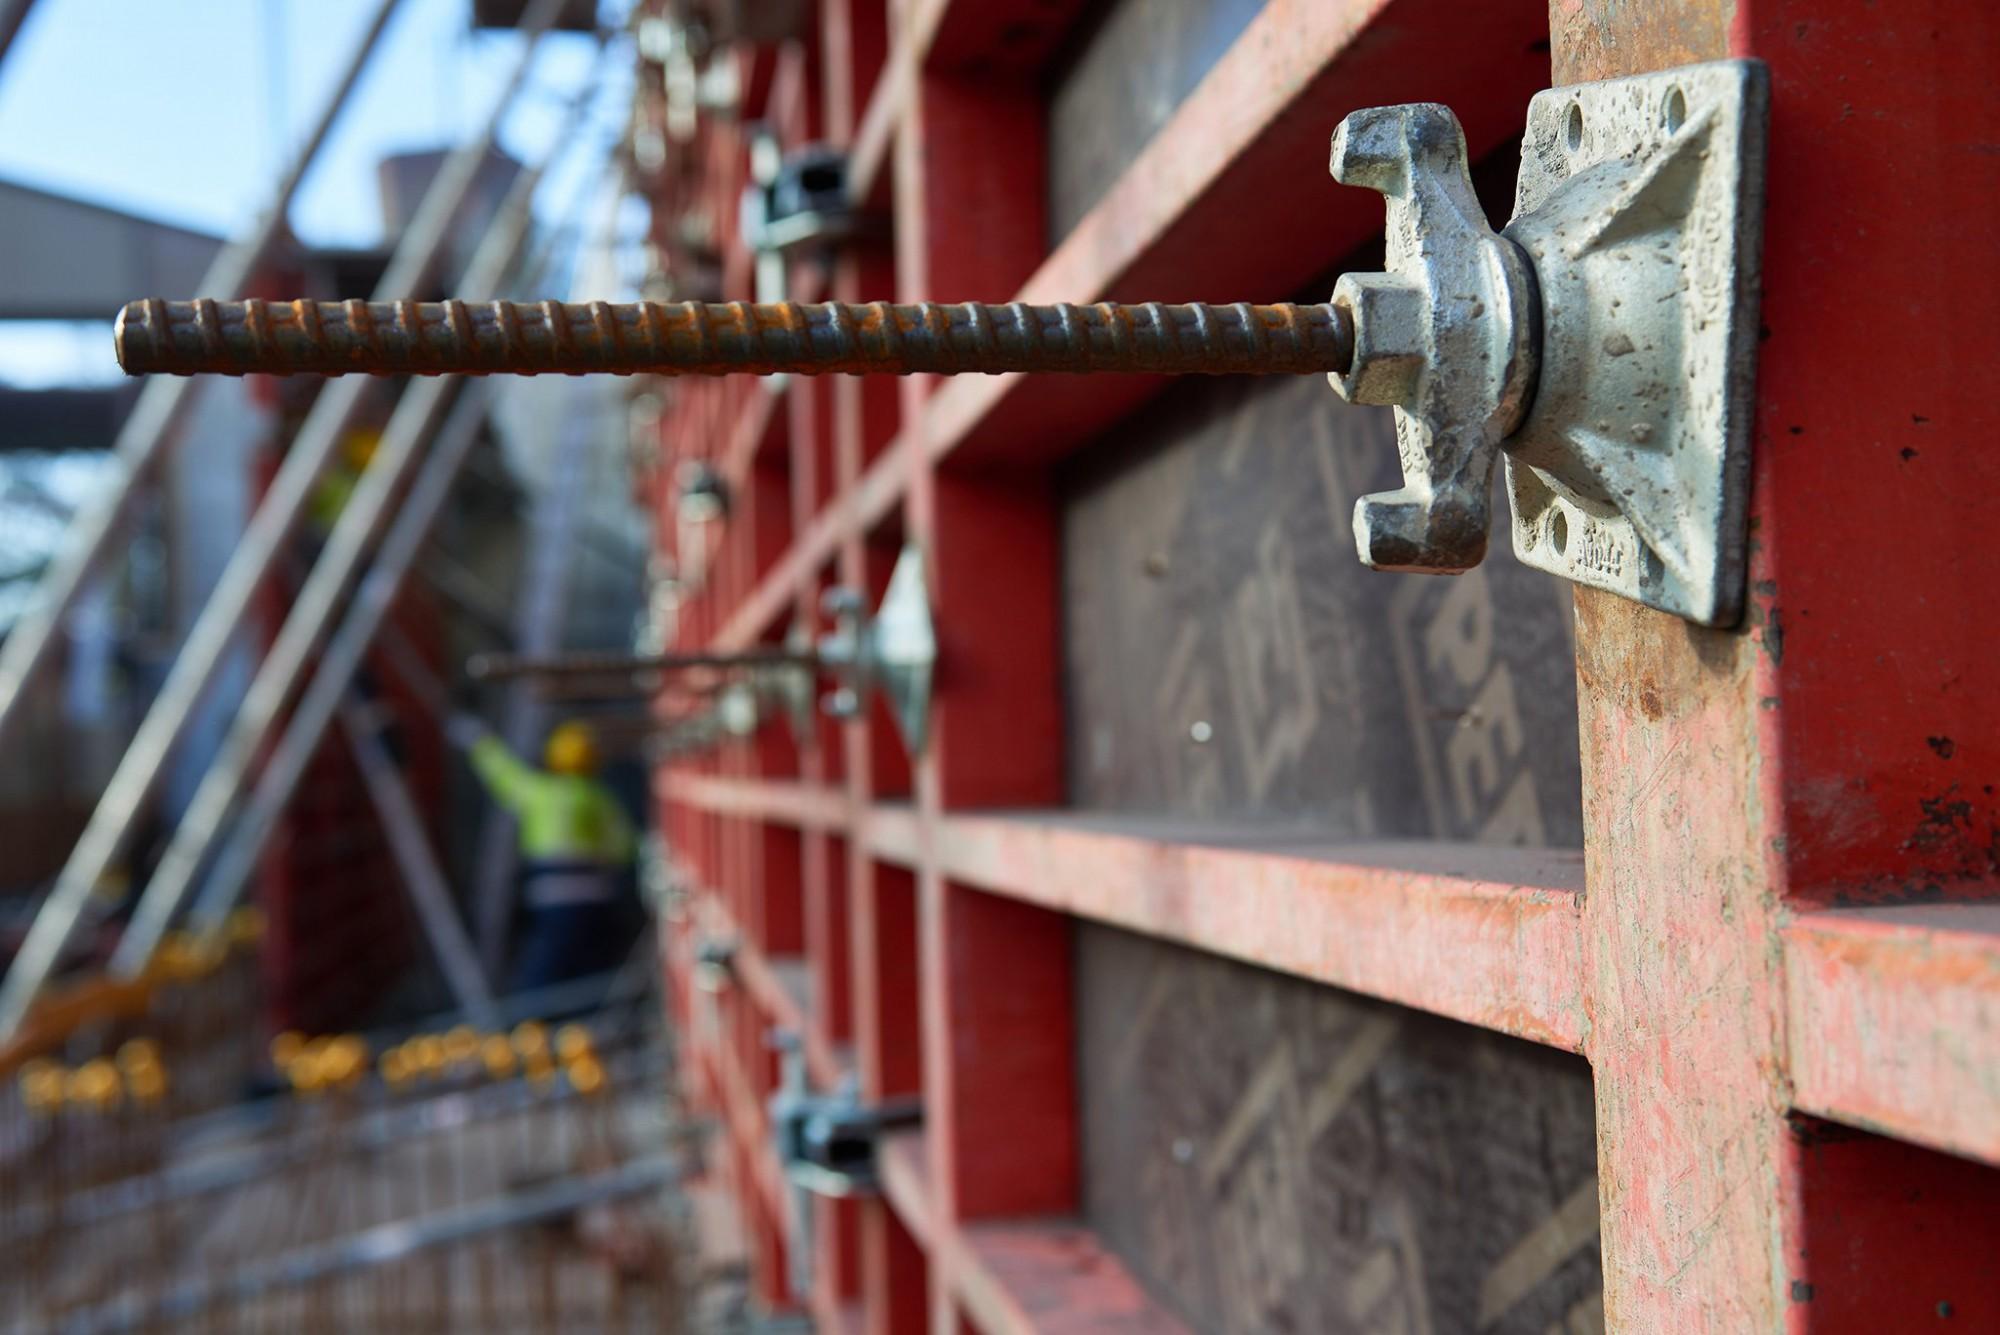 Afbeelding: Werf fotografie voor Mourik, Arcelor Metal Gent, foto Van Huffel.